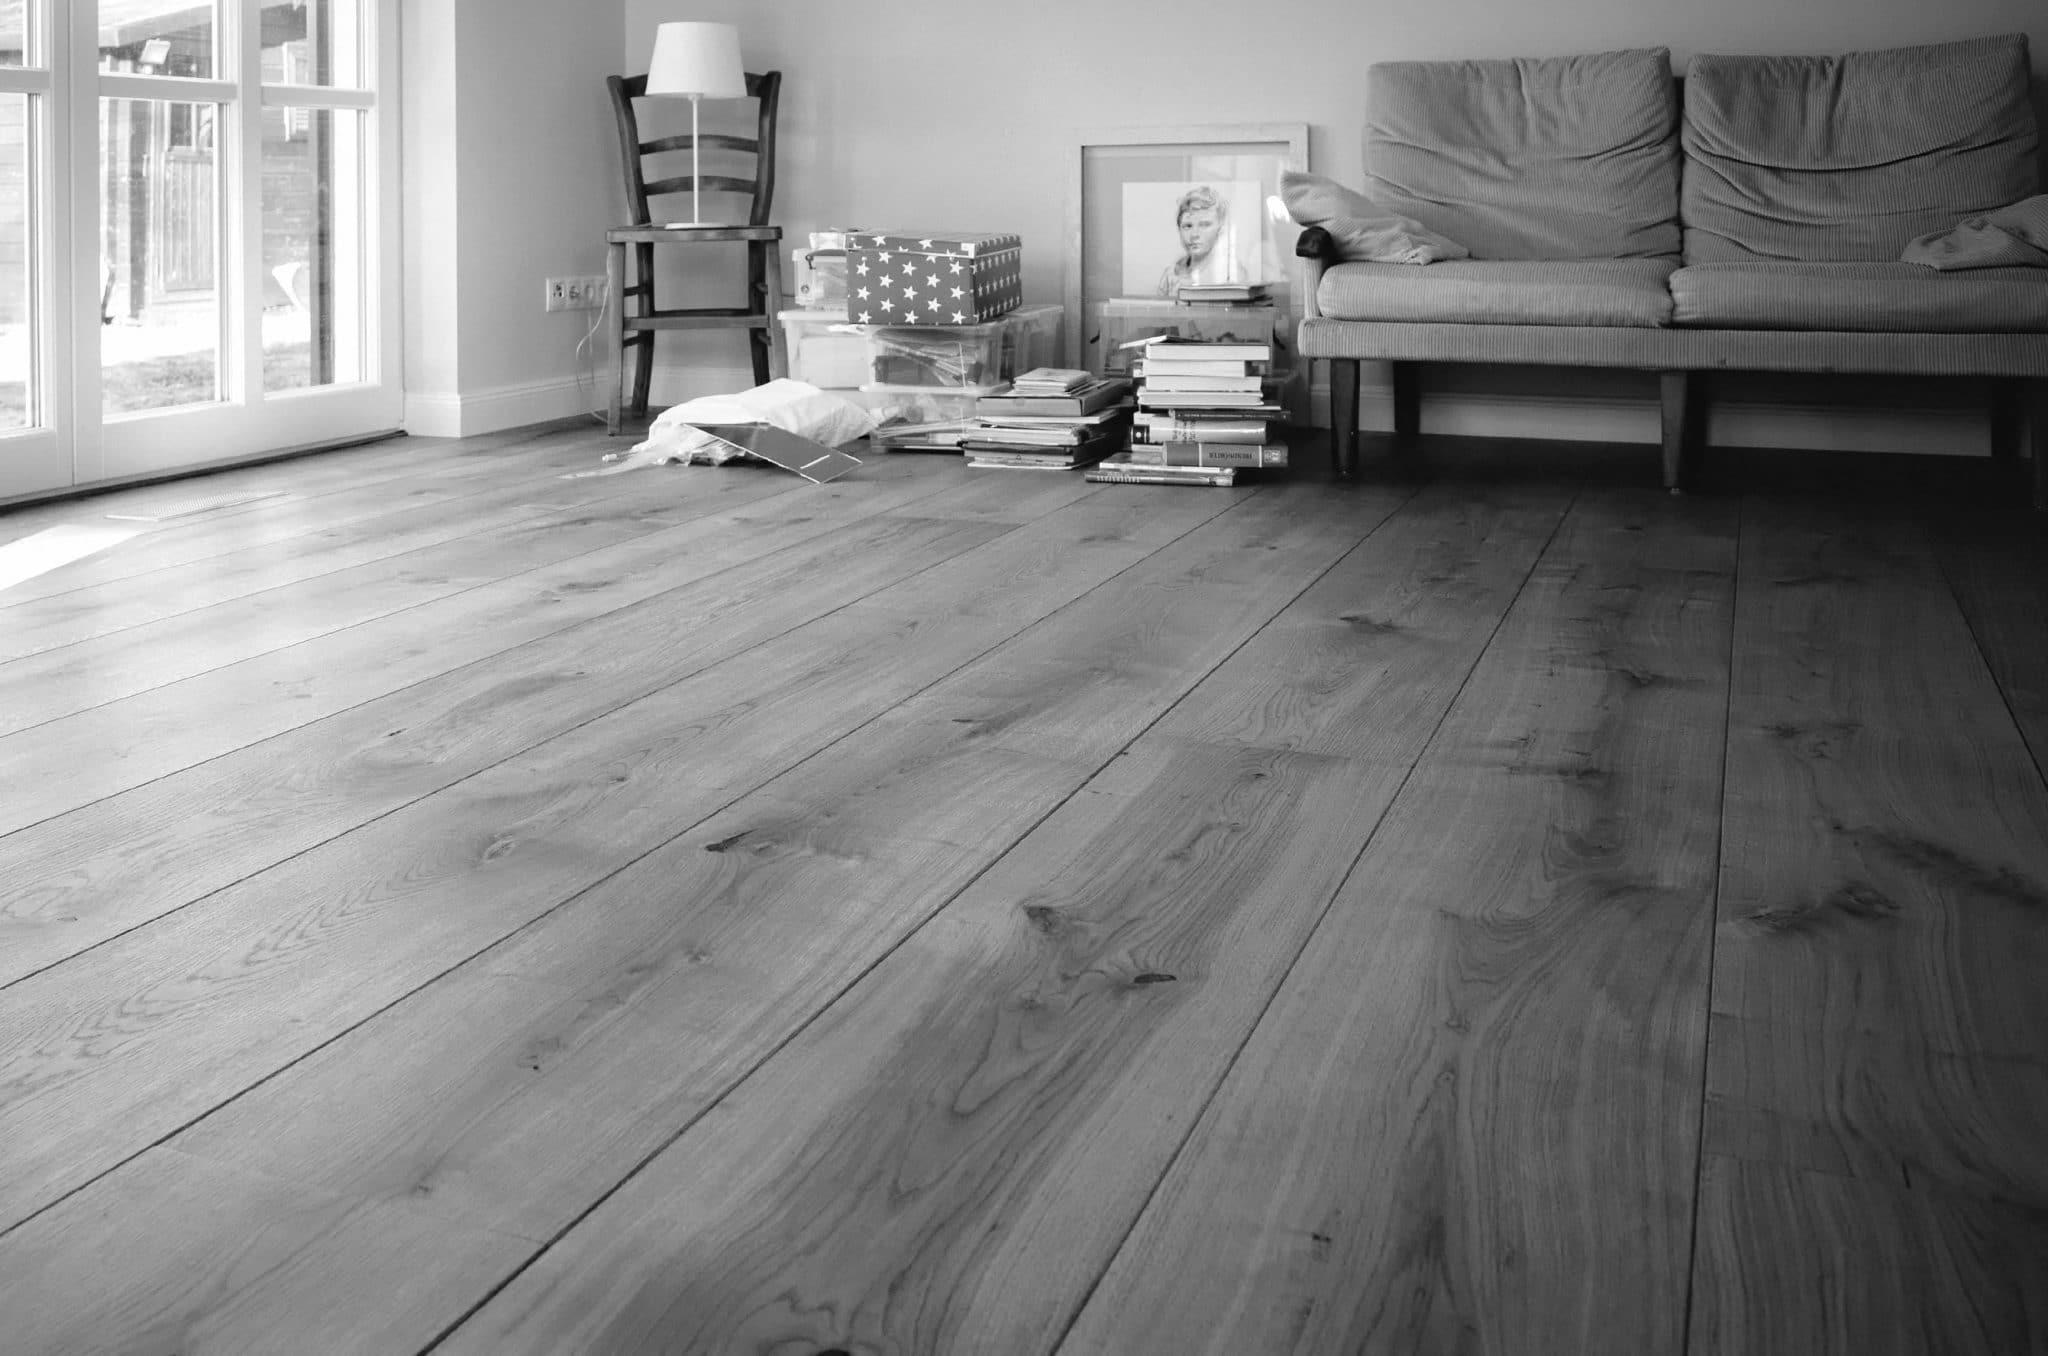 schlossdielen eiche produktinfos preis zu breite schlossdielen in franz sischer deutscher eiche. Black Bedroom Furniture Sets. Home Design Ideas